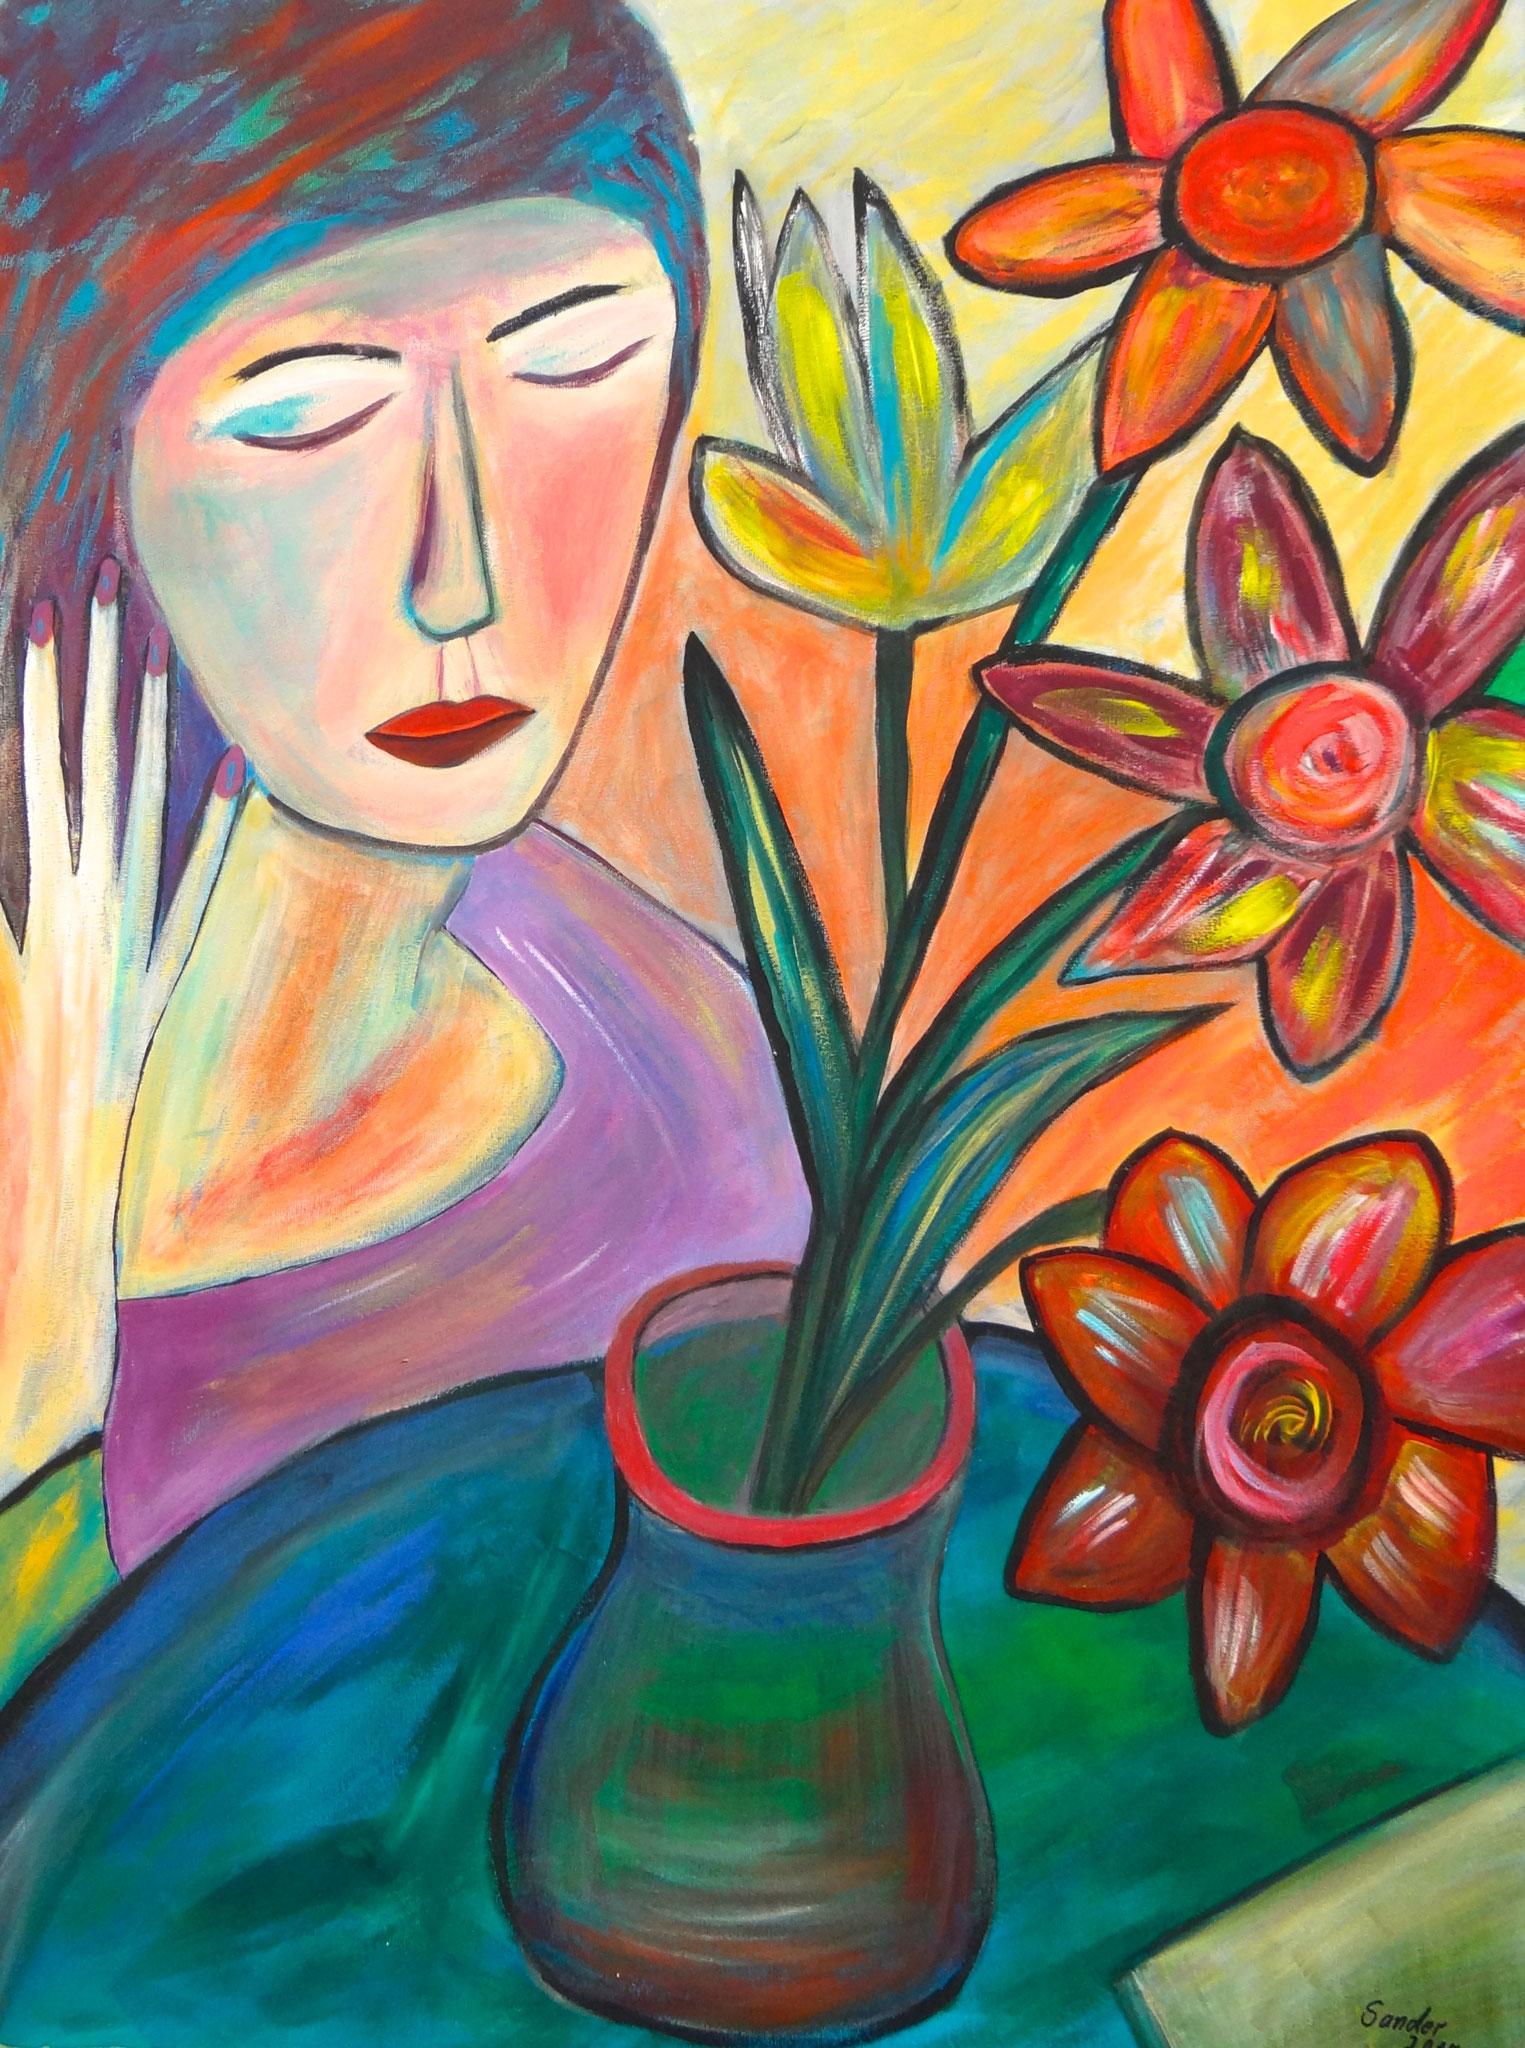 Mädchen mit Blumenvase, 80 x 60 cm, Acrylfarben auf Keilrahmen, signiert und datiert 2015